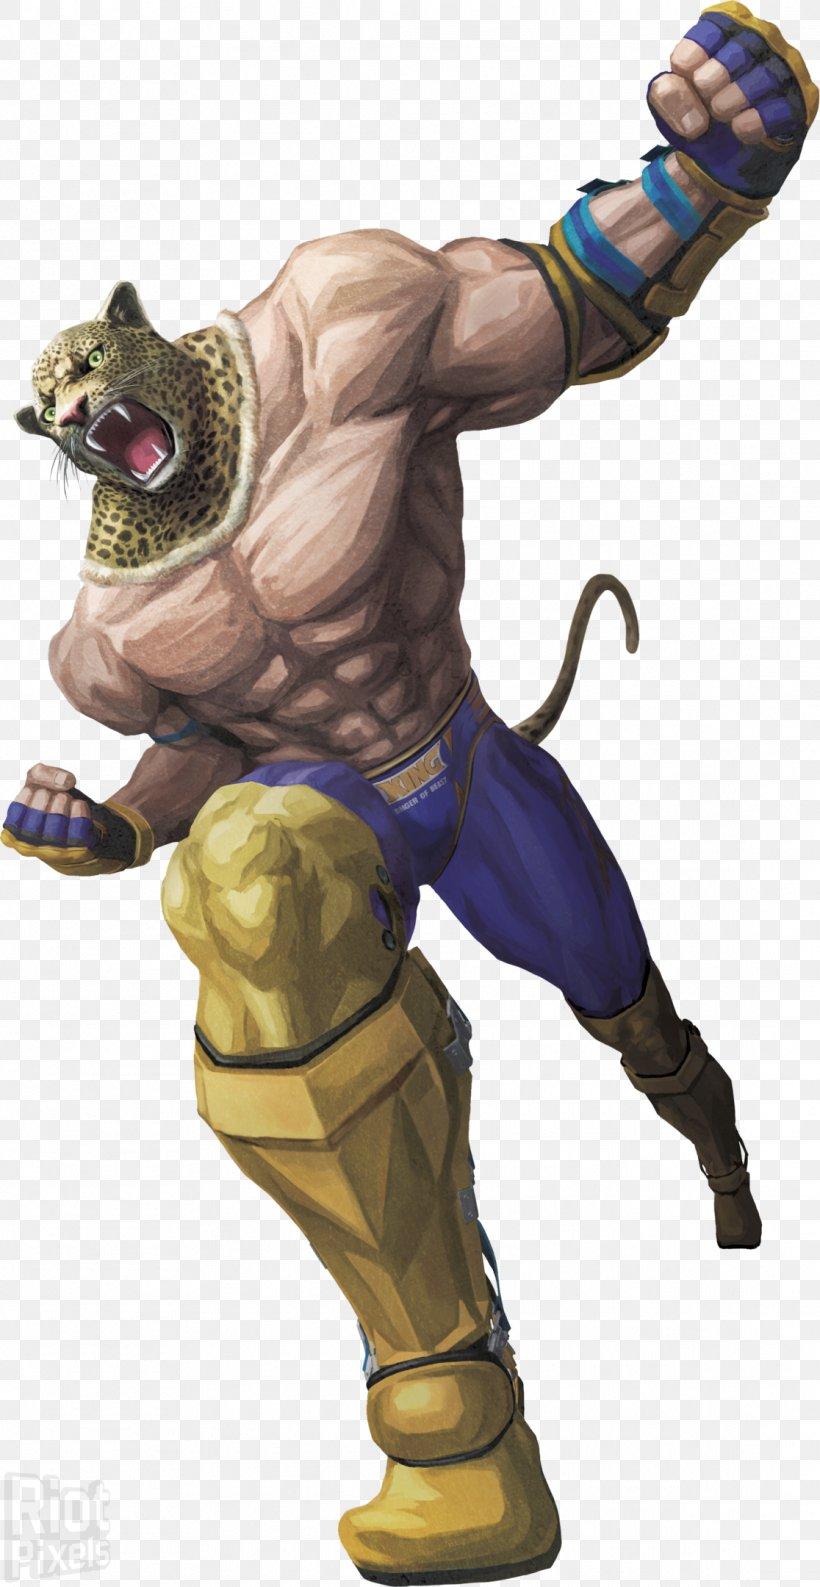 Street Fighter X Tekken Tekken 6 Tekken 7 Tekken 3 Chun Li Png 1116x2160px Street Fighter